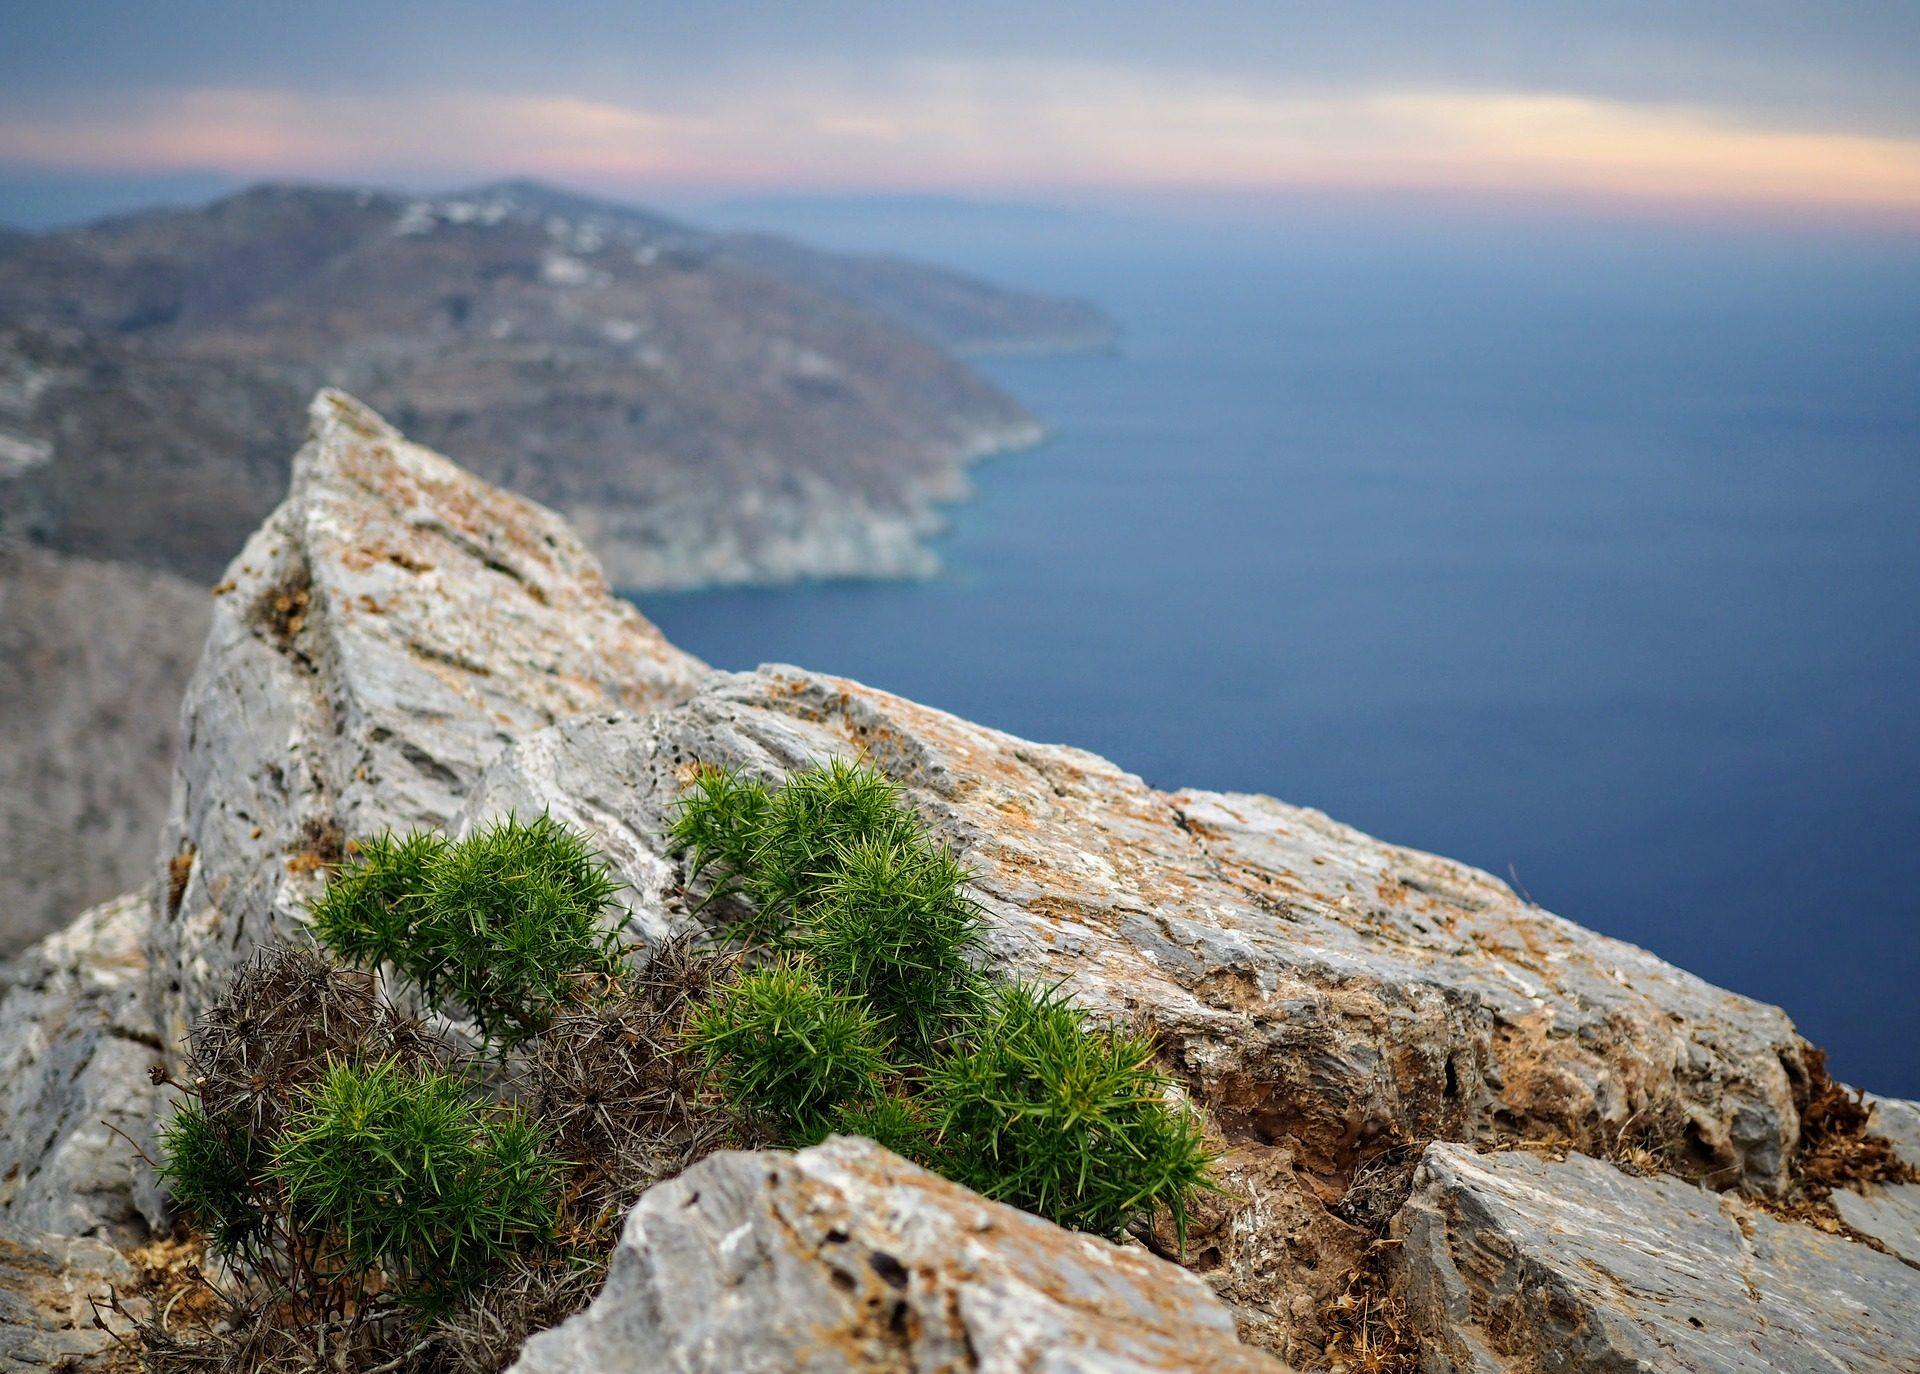 الجبال, الارتفاع, البحر, المحيط, الأفق, الهدوء - خلفيات عالية الدقة - أستاذ falken.com